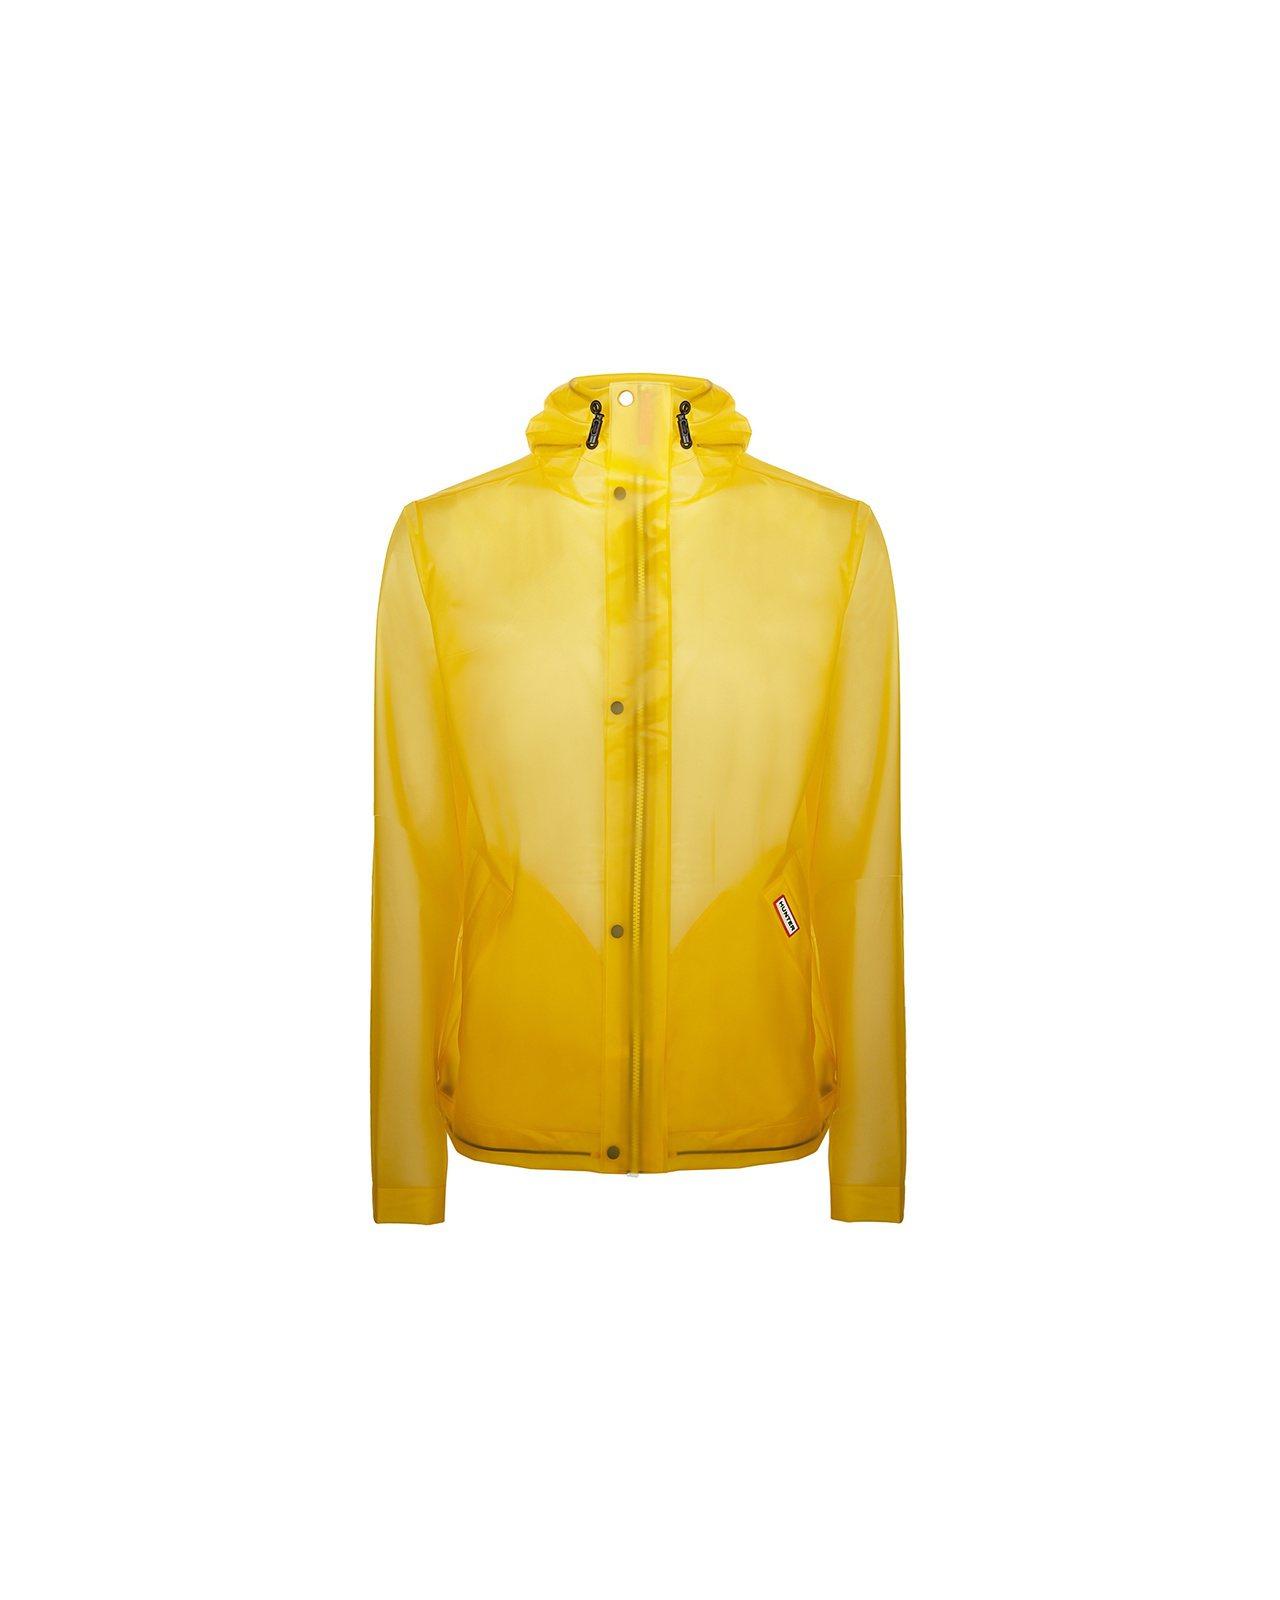 男性經典亮黃輕透防風防雨外套,約7,800元。圖/Hunter提供